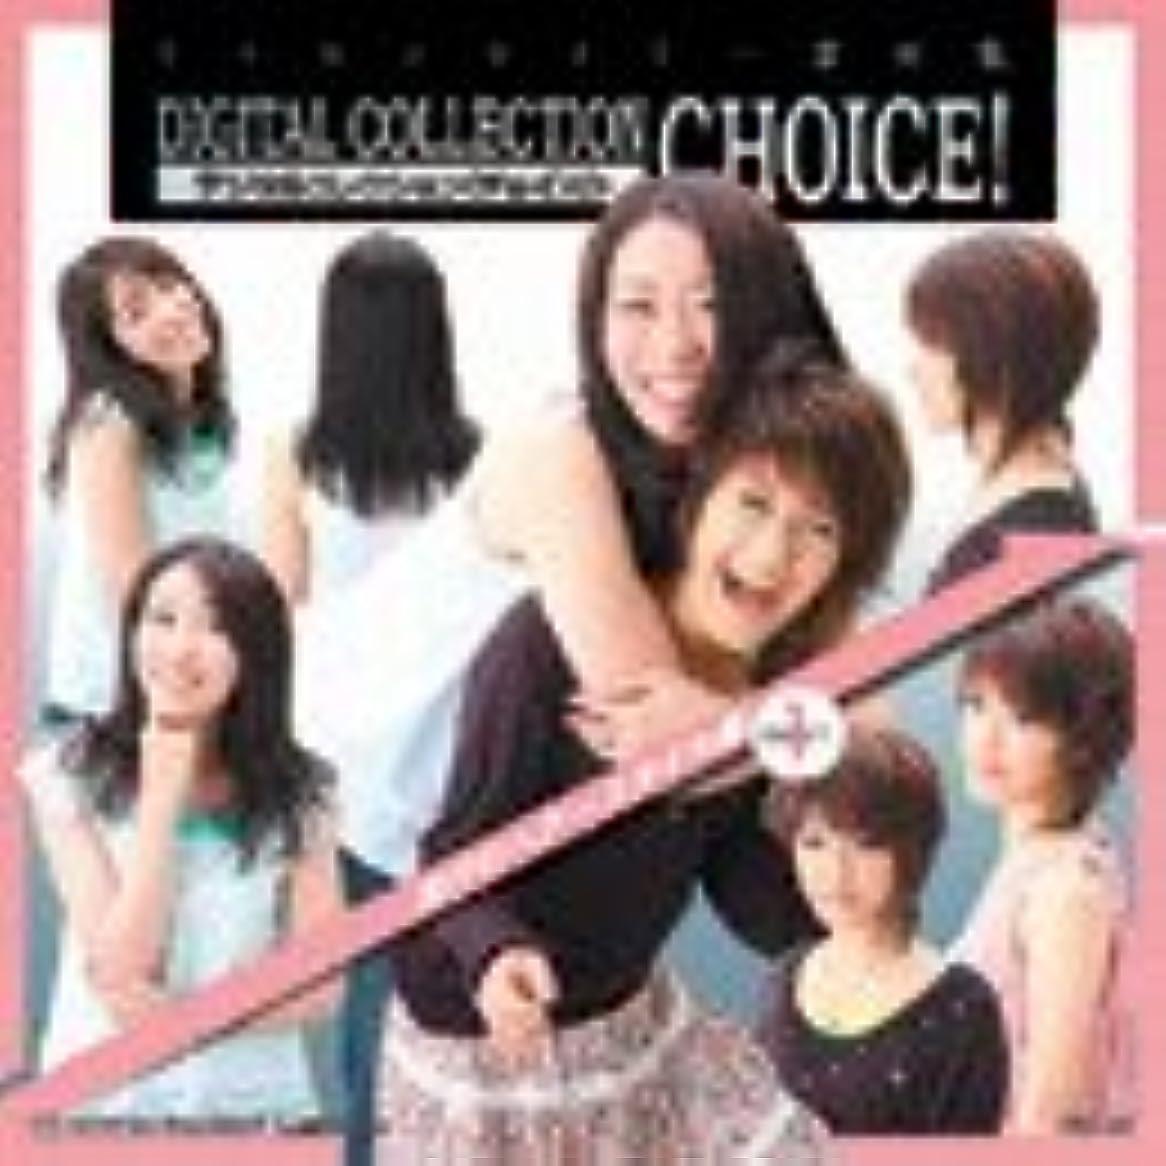 バタフライ候補者人気Digital Collection Choice! 流行のヘアスタイル編part.1